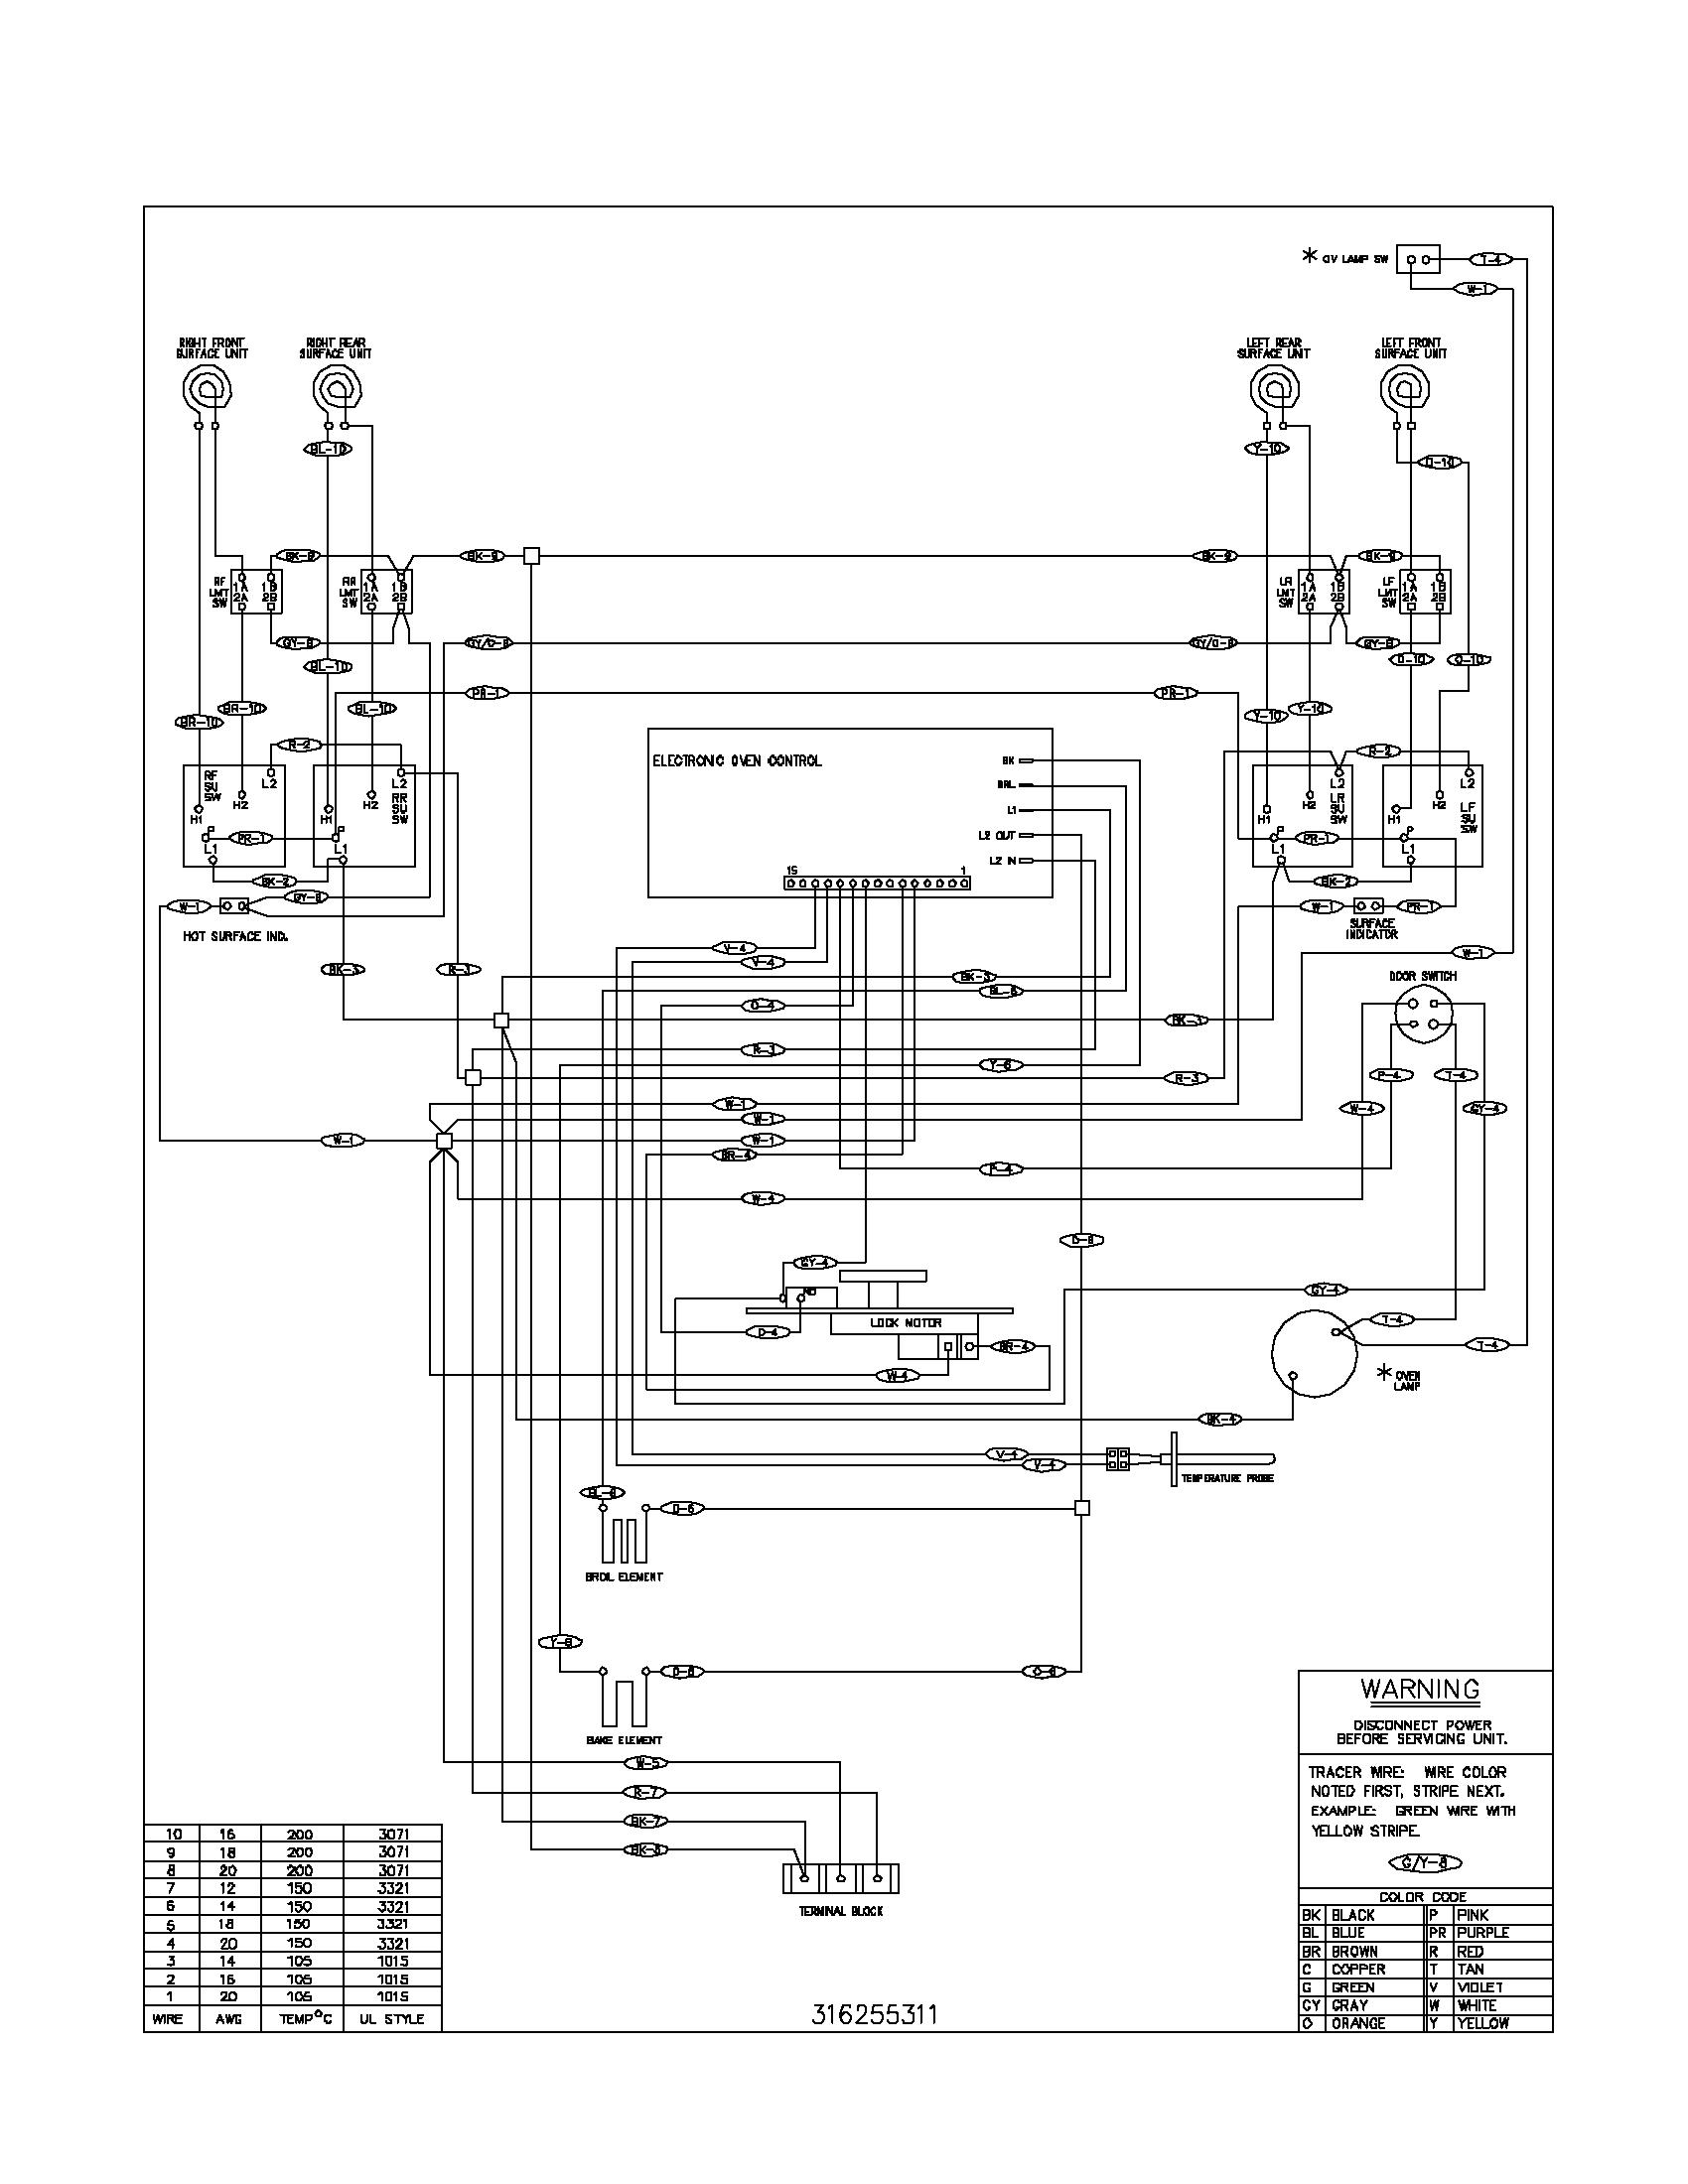 Frigidaire Fef366ccb Electric Range Timer